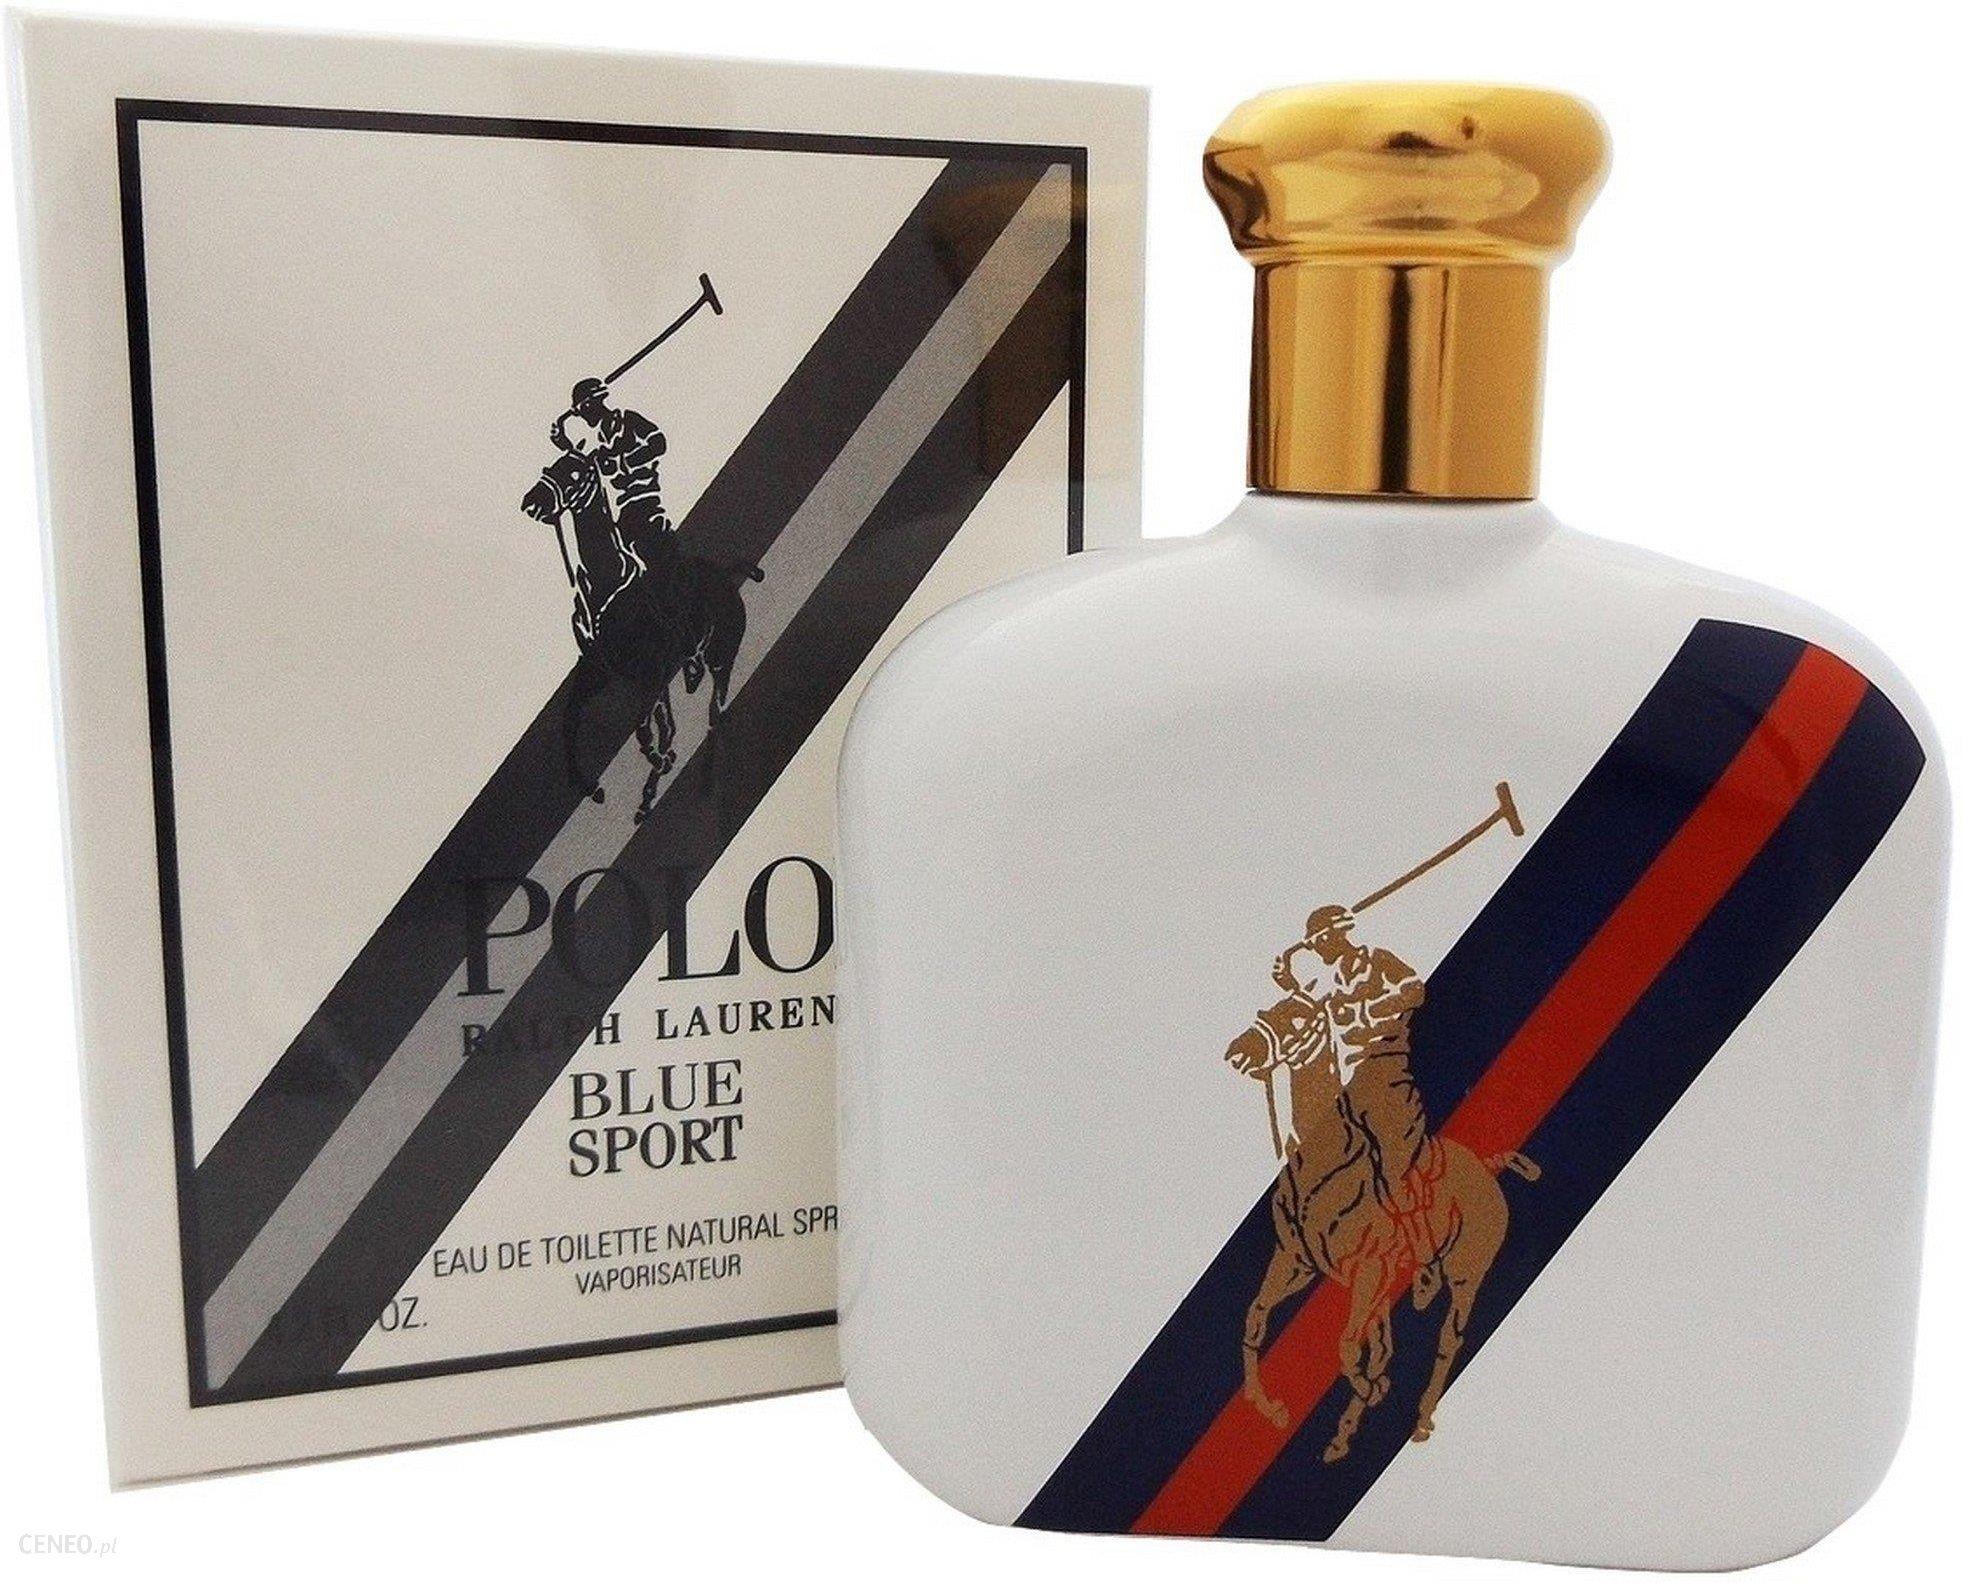 cc2c64eb1c941 Ralph Lauren Polo Blue Sport Woda toaletowa 125ml - Opinie i ceny na ...